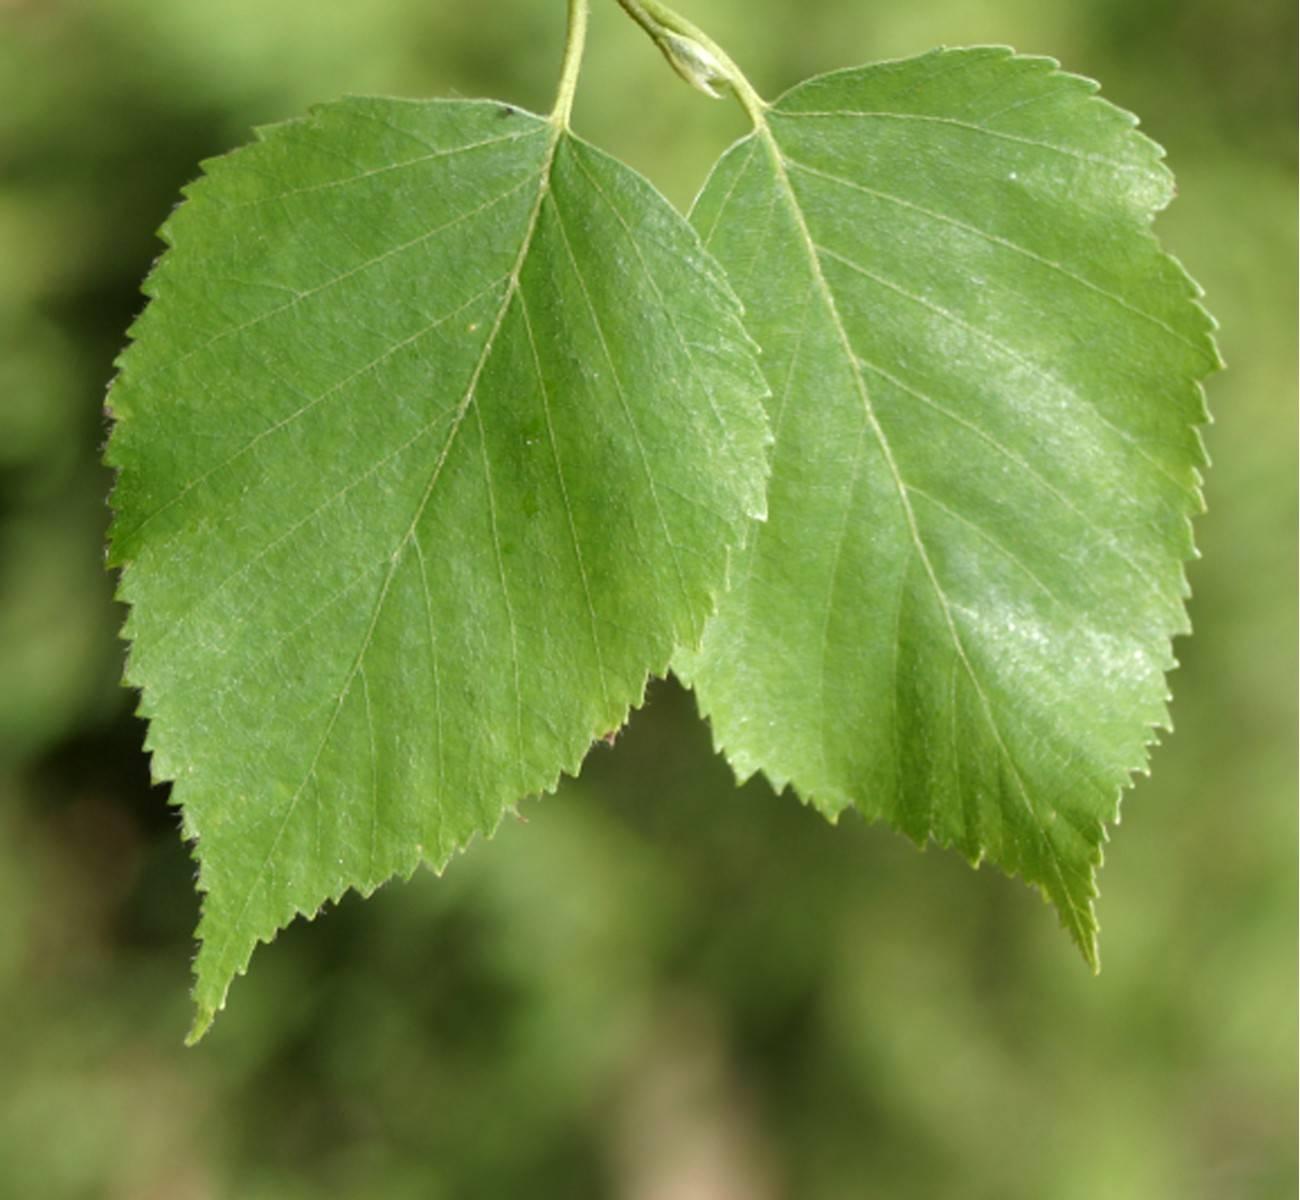 Березовые листья - лечебные свойства, применение и противопоказания